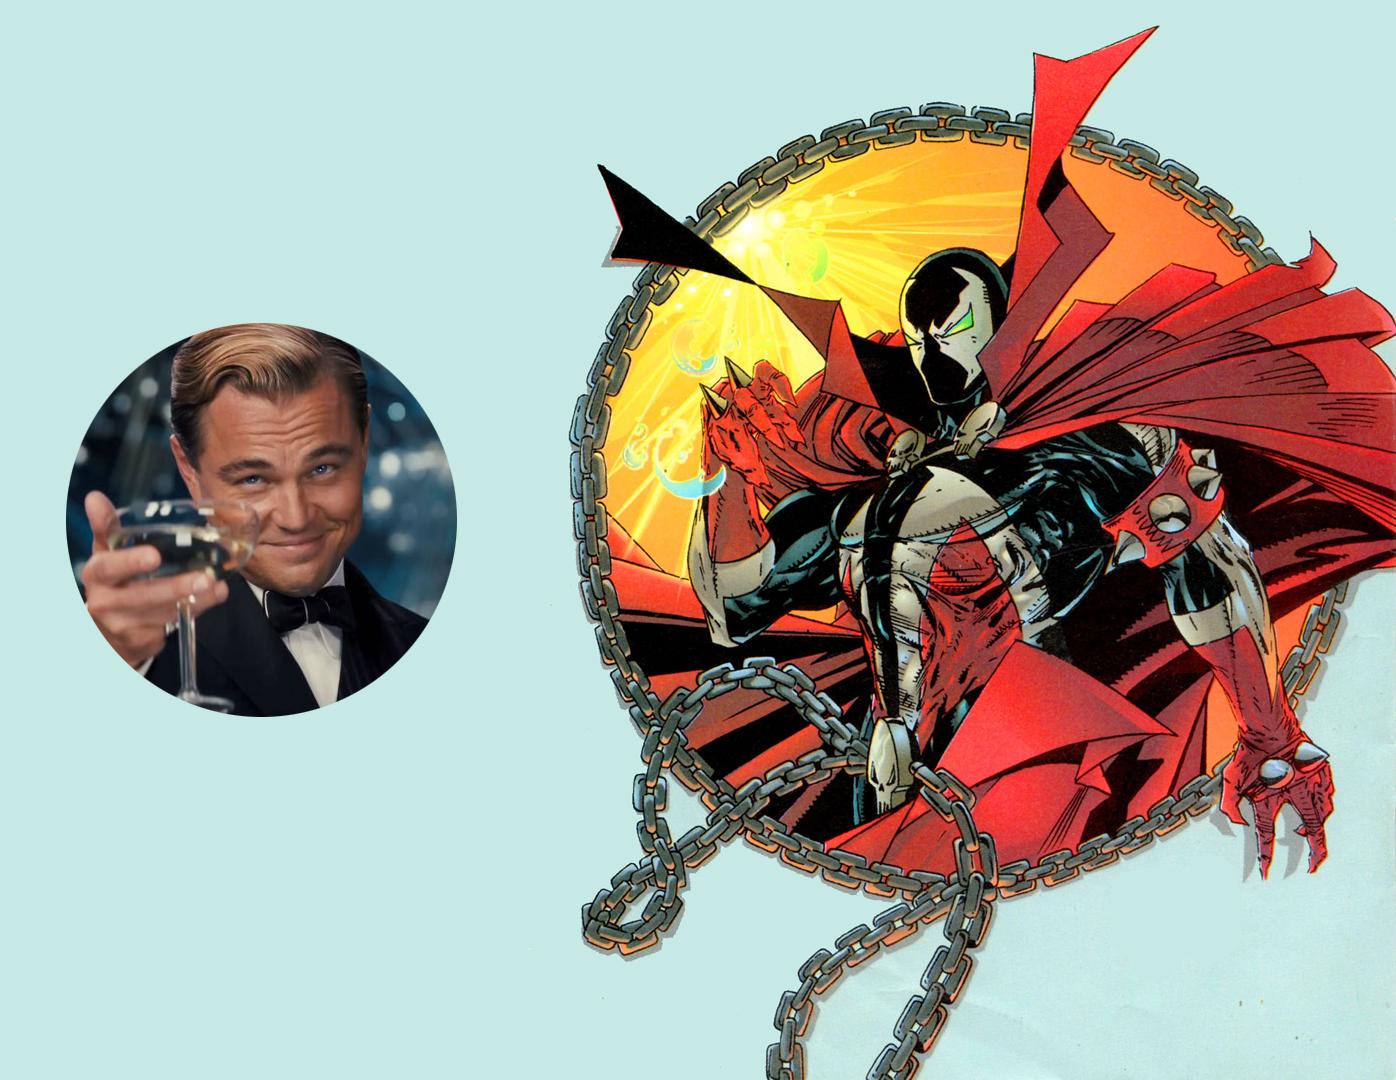 Spawn - Criador  do personagem quer Leonardo DiCaprio em importante papel no reboot para cinemas